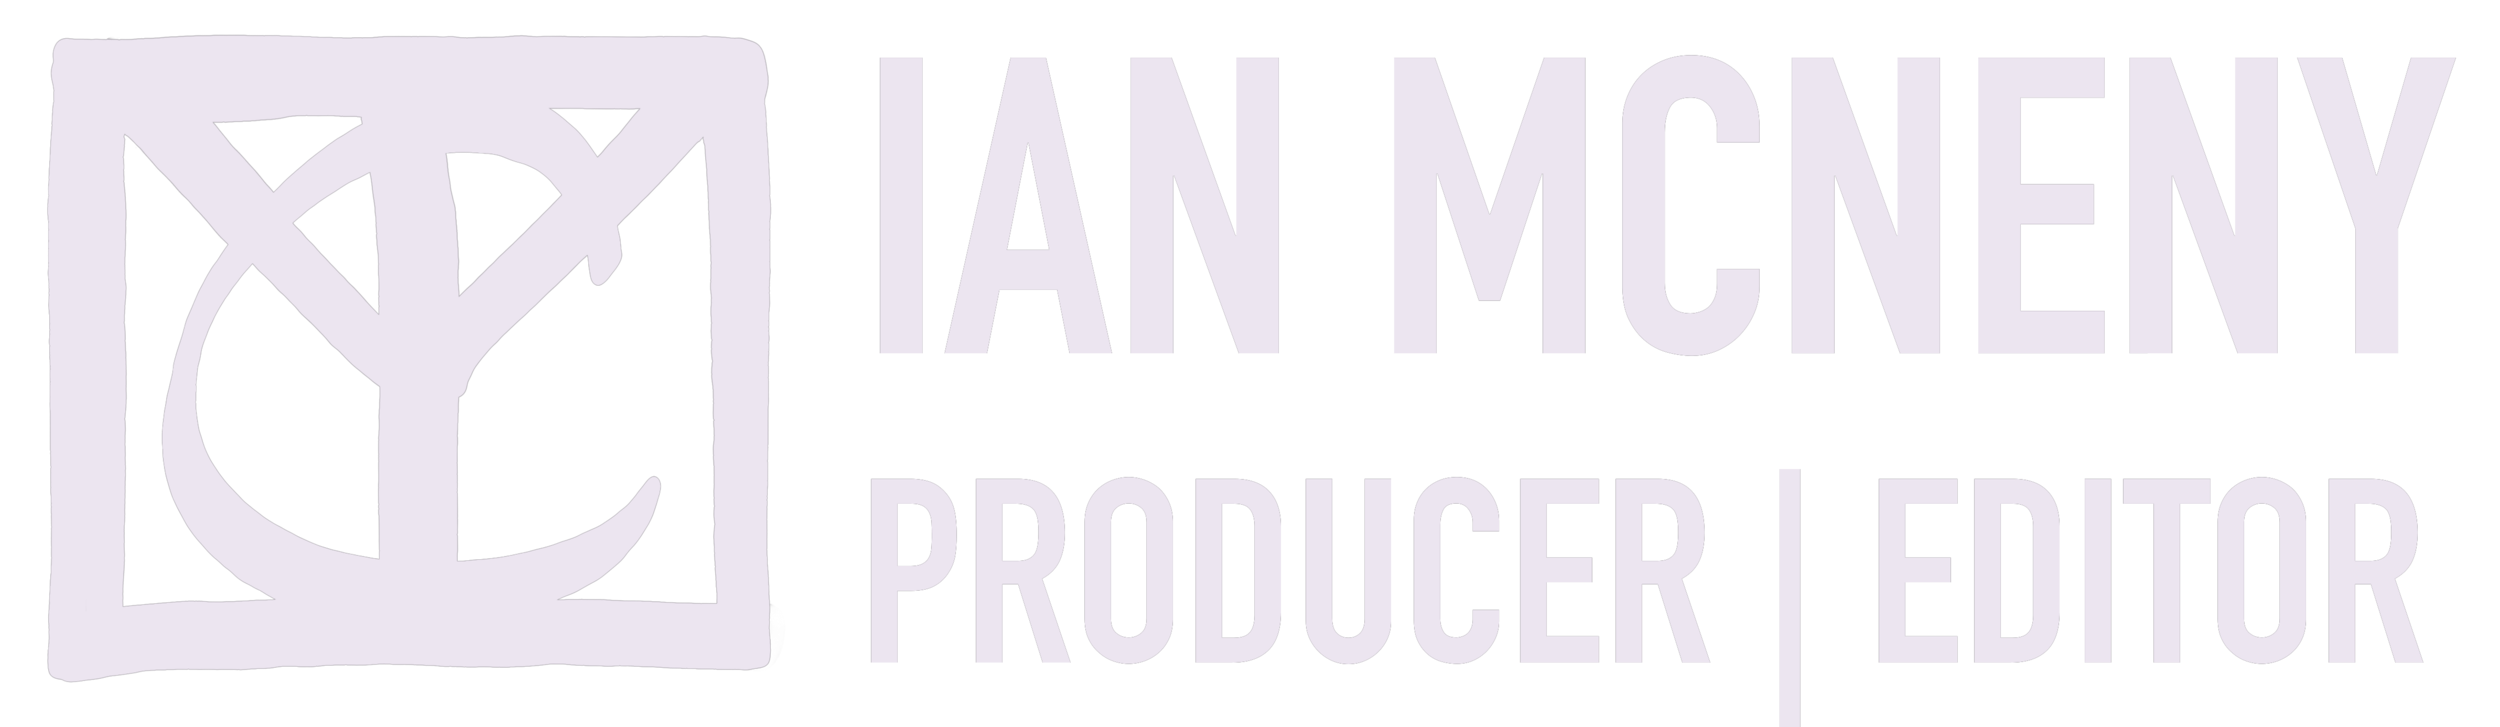 ICM-Logo-Name_Light.png